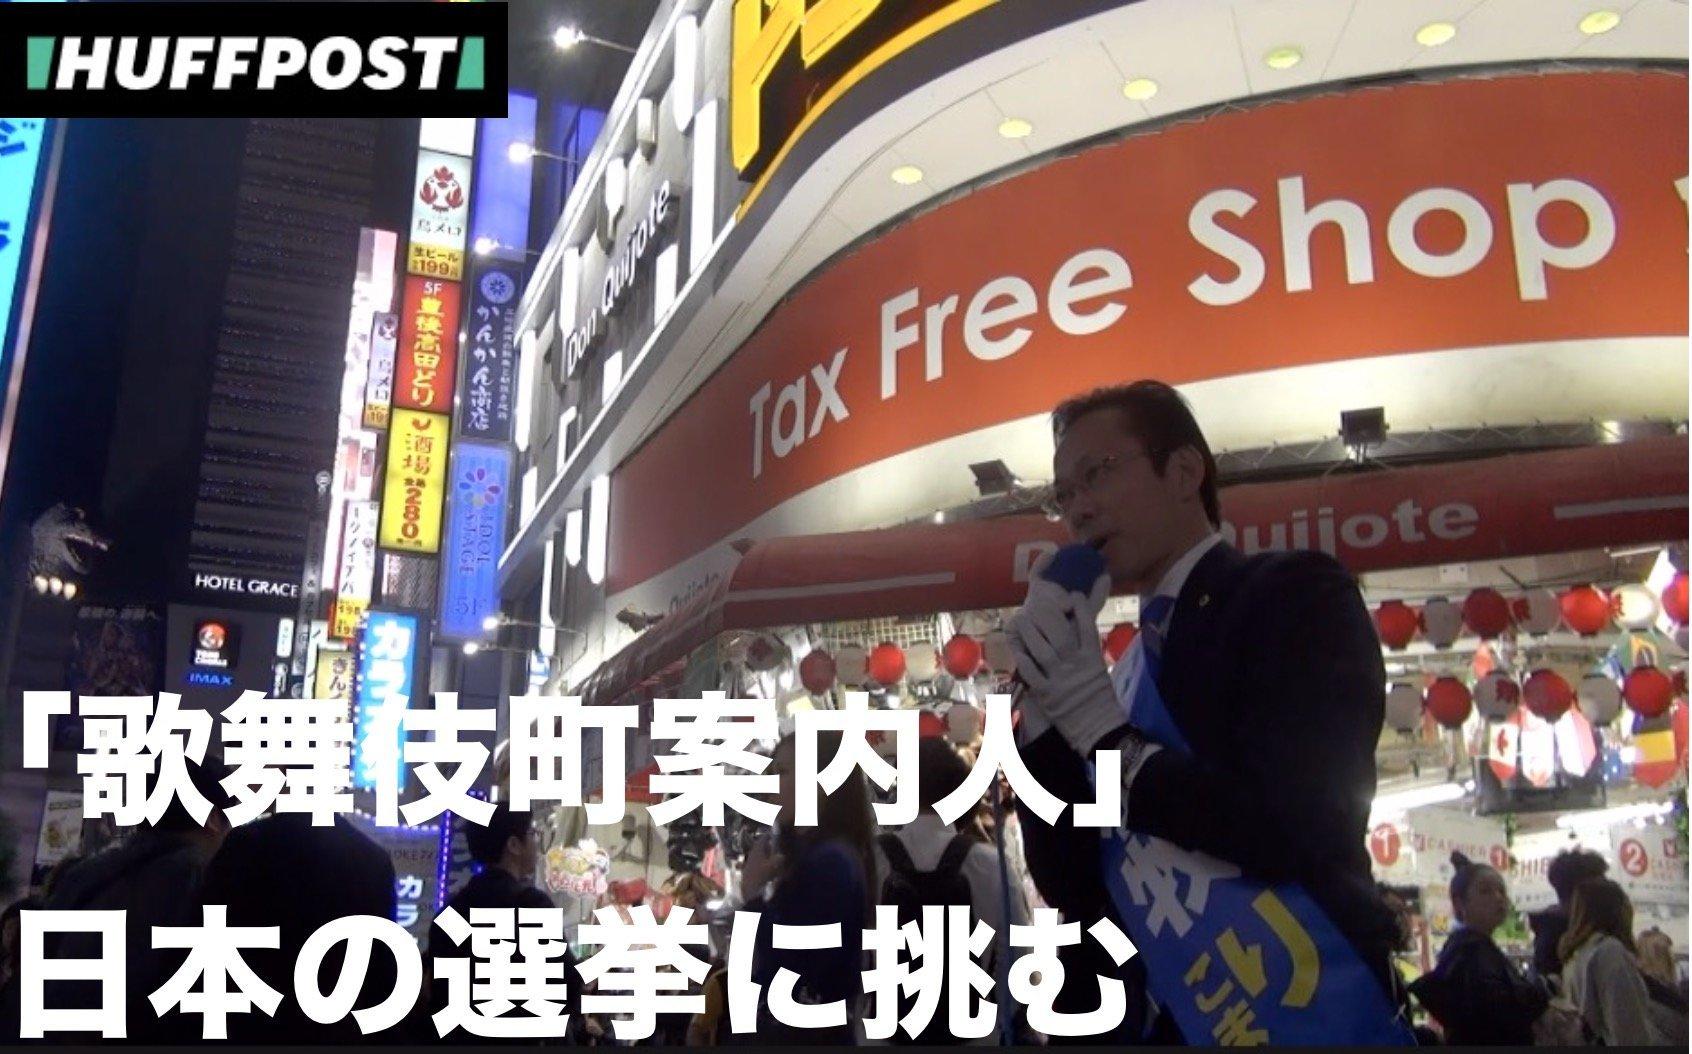 【動画特集】歌舞伎町案内人・李小牧さんの選挙にカメラが密着。救急車で運ばれても...元中国人が民主主義に挑む理由